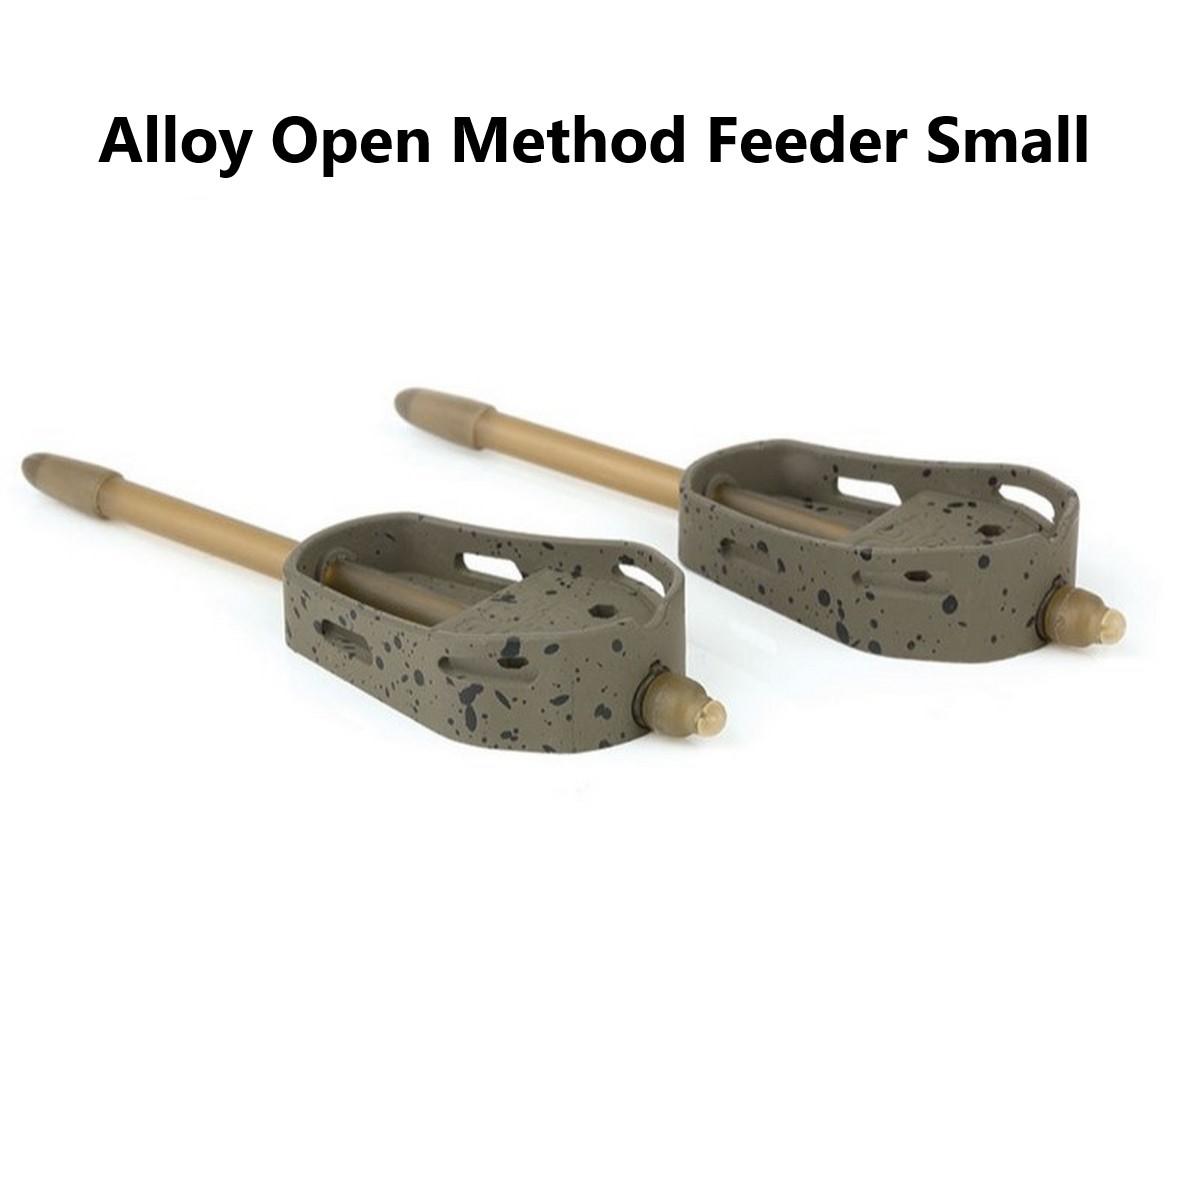 Фидер хранилка Matrix Alloy Open Method Feeder Small